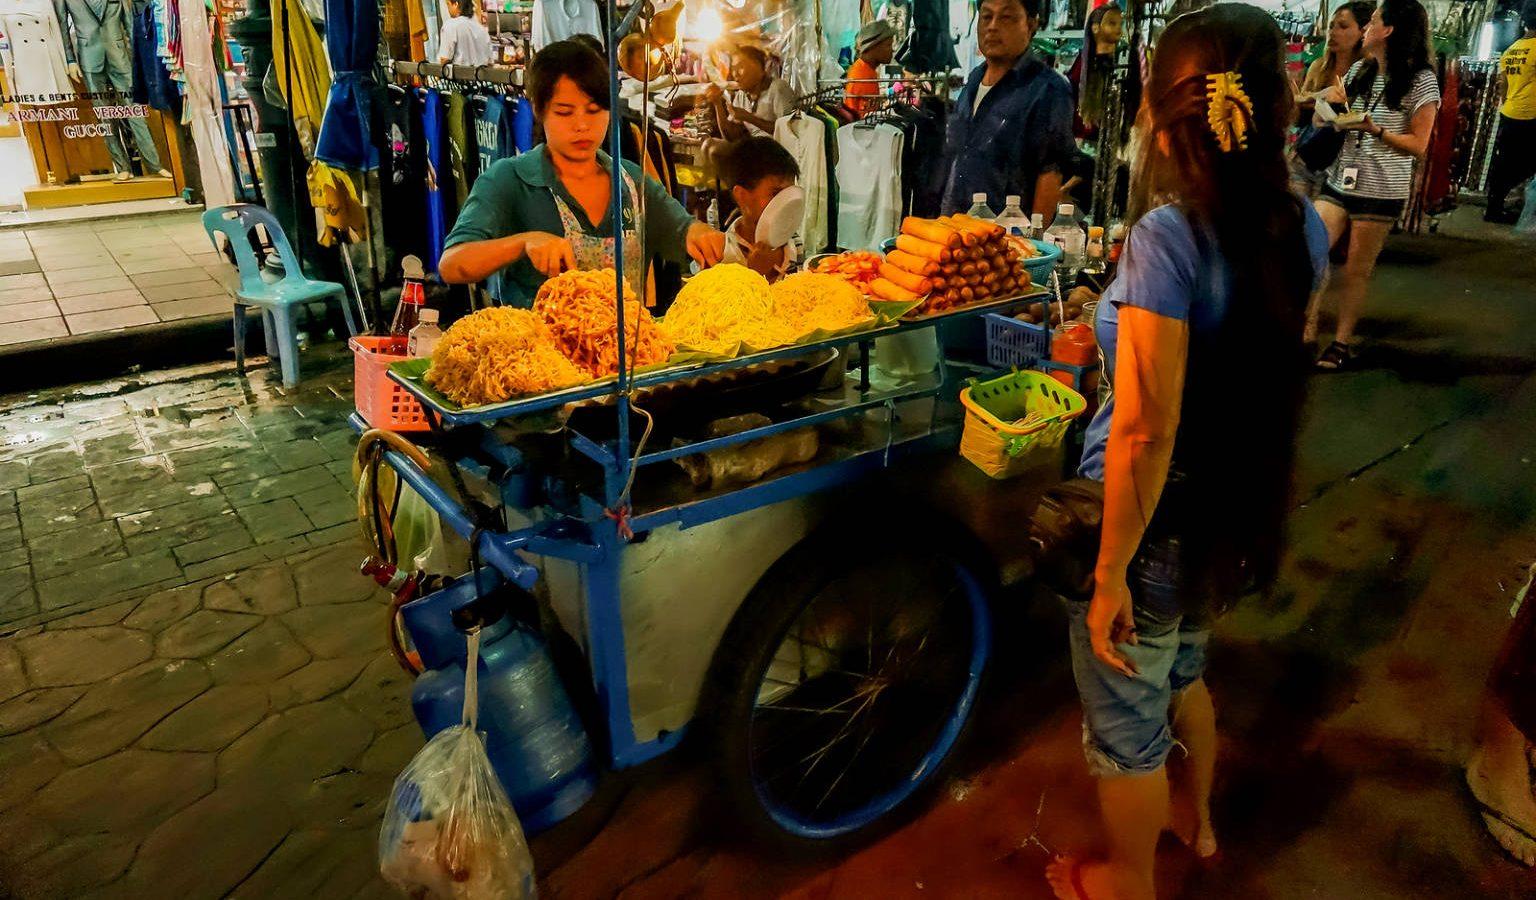 Pad thai stalletjes met verkoper op straat van Khaosan in Bangkok